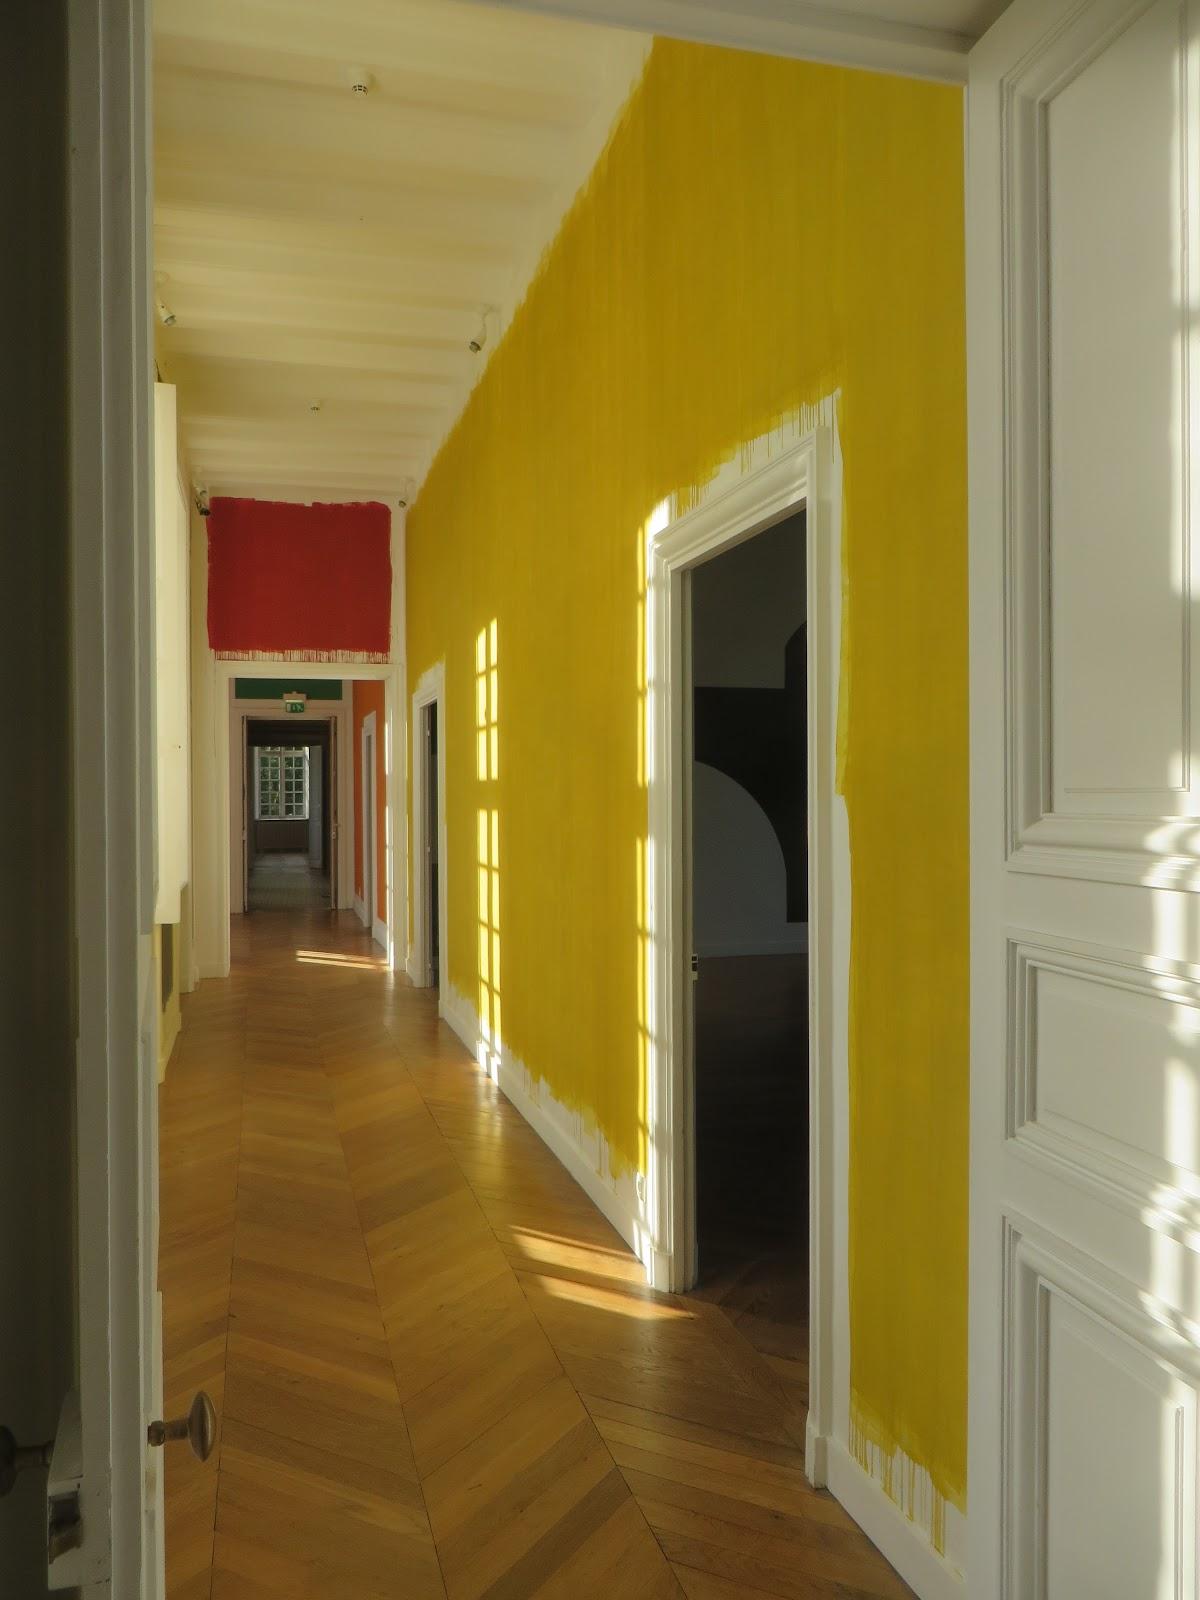 Entrevoir mur murs peinture dessin architecture for Dessin peinture mur